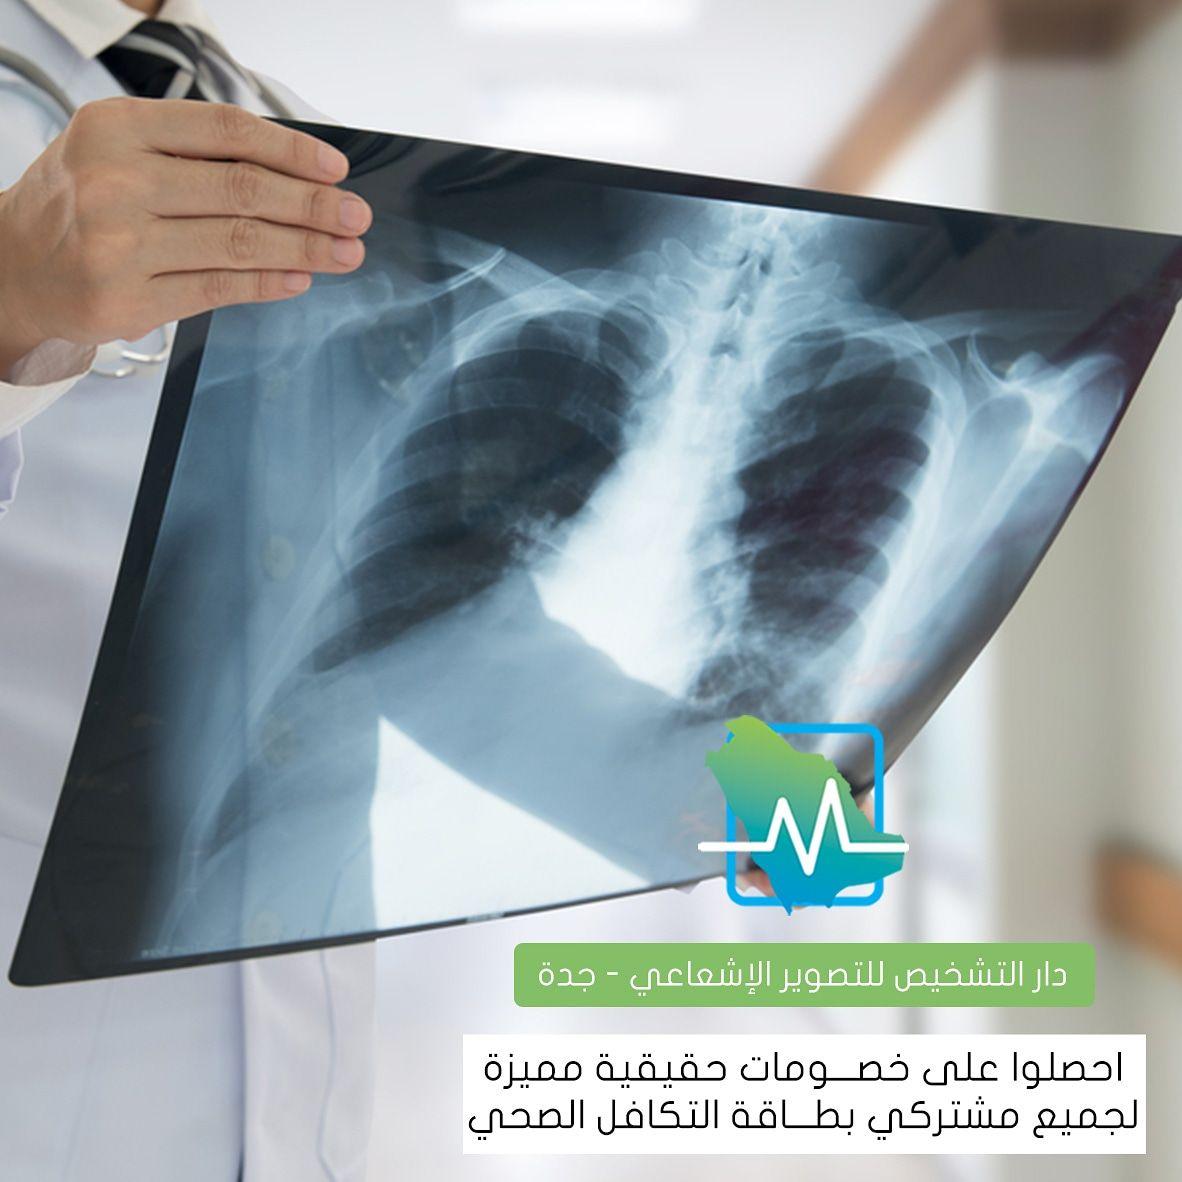 حافظ على صحتك واكشف عندنا في دار التشخيص للتصوير الإشعاعي في جدة وبخصومات على بطاقة التكافل الصحي صحة علاج أشعة تصوير Health Insurance Tv Health